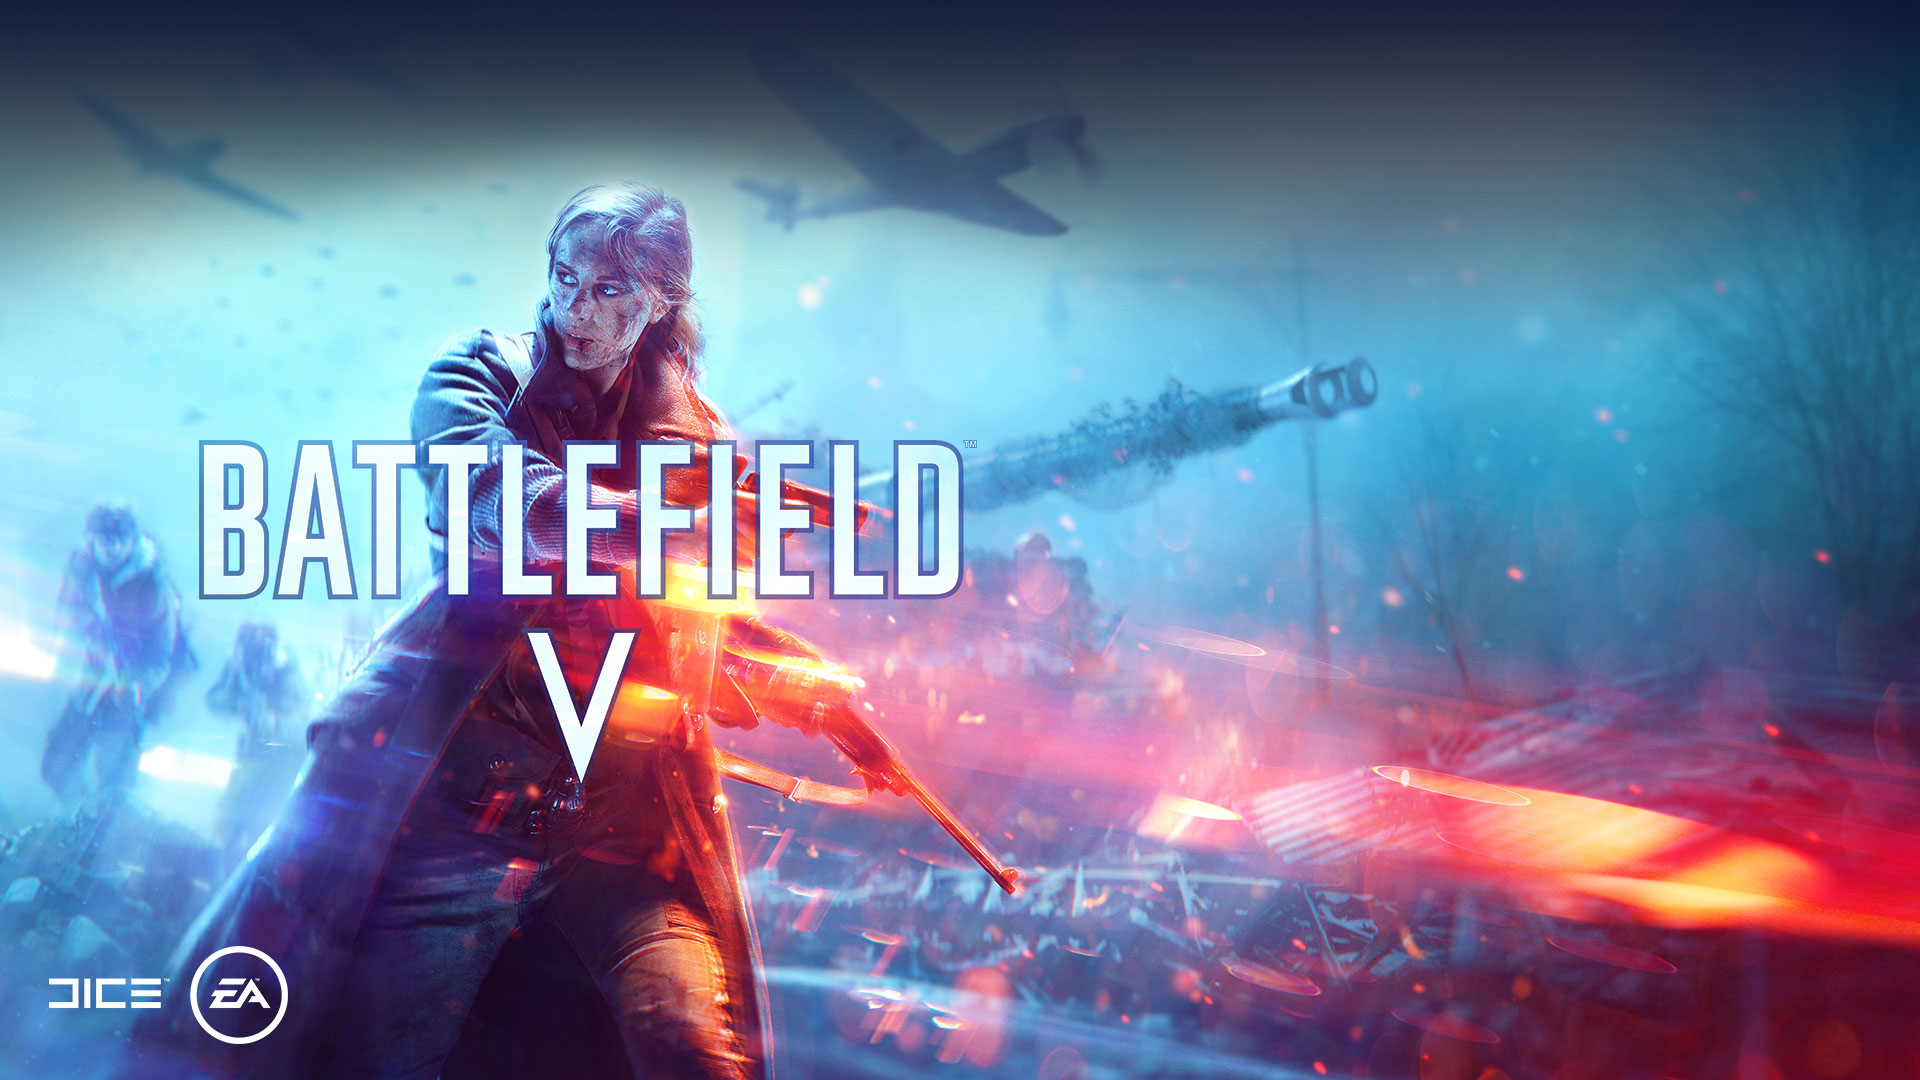 Battlefield V, Dice EA, vooraanzicht van een Franse soldaat.